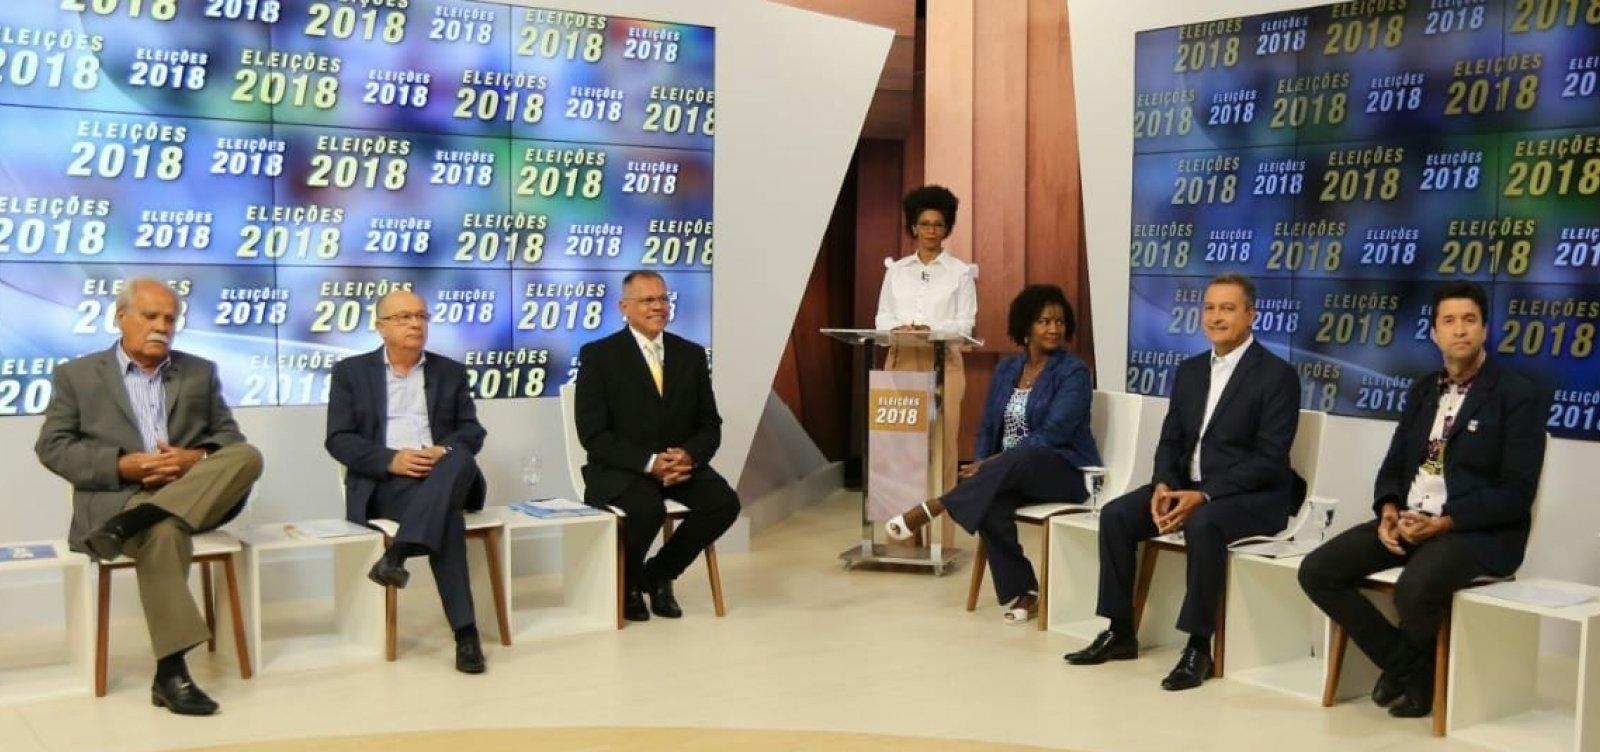 Agenda: candidatos se enfrentam hoje em debate na TV